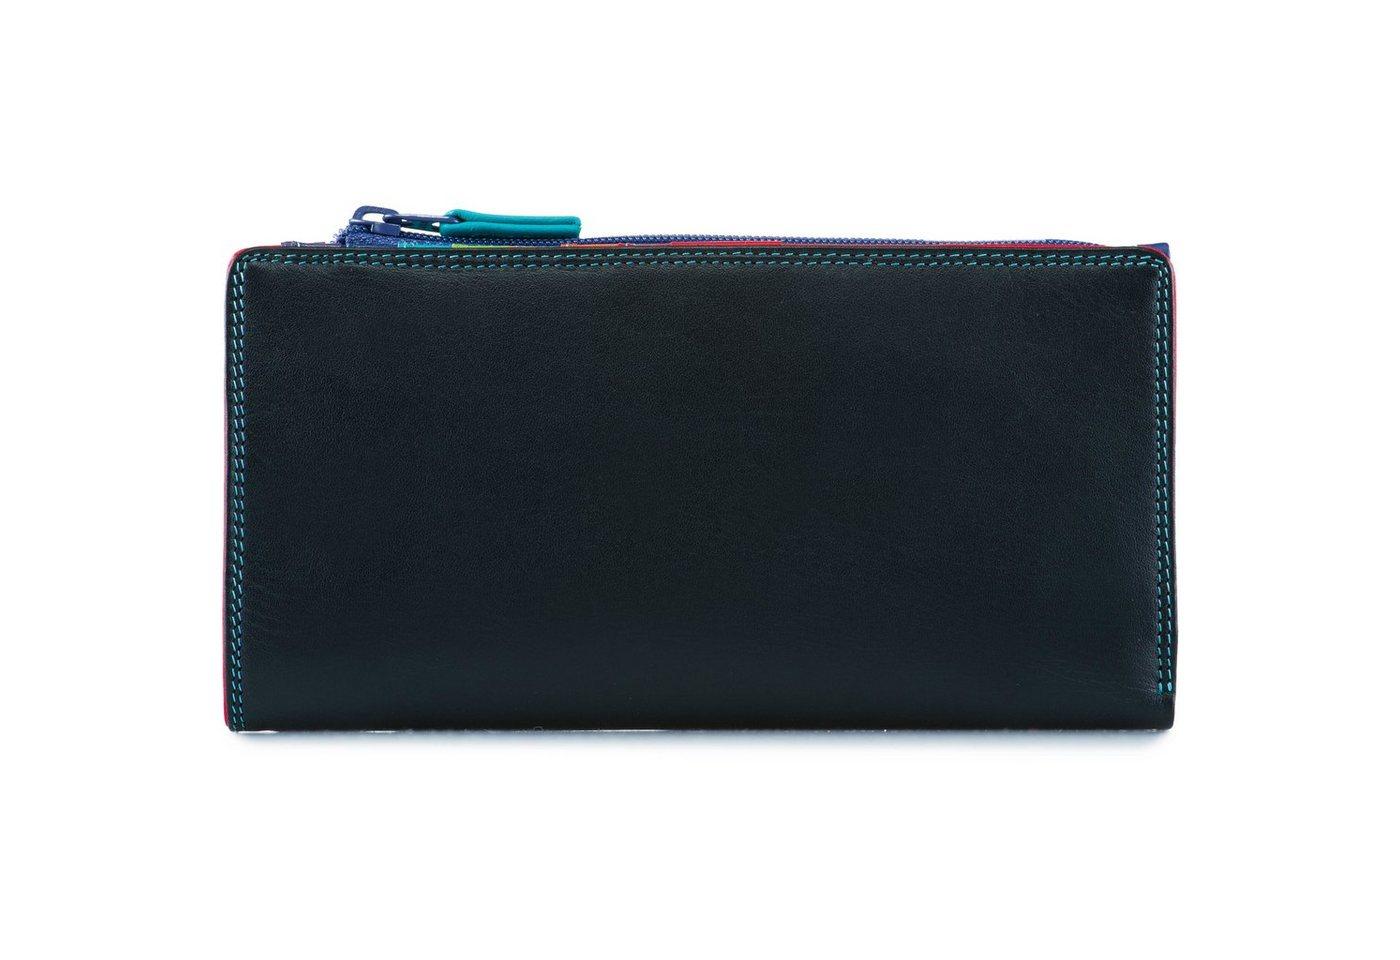 Damen Mywalit Wallet Zipped Centre Geldbörse Leder 9 cm schwarz  Kleinlederwaren